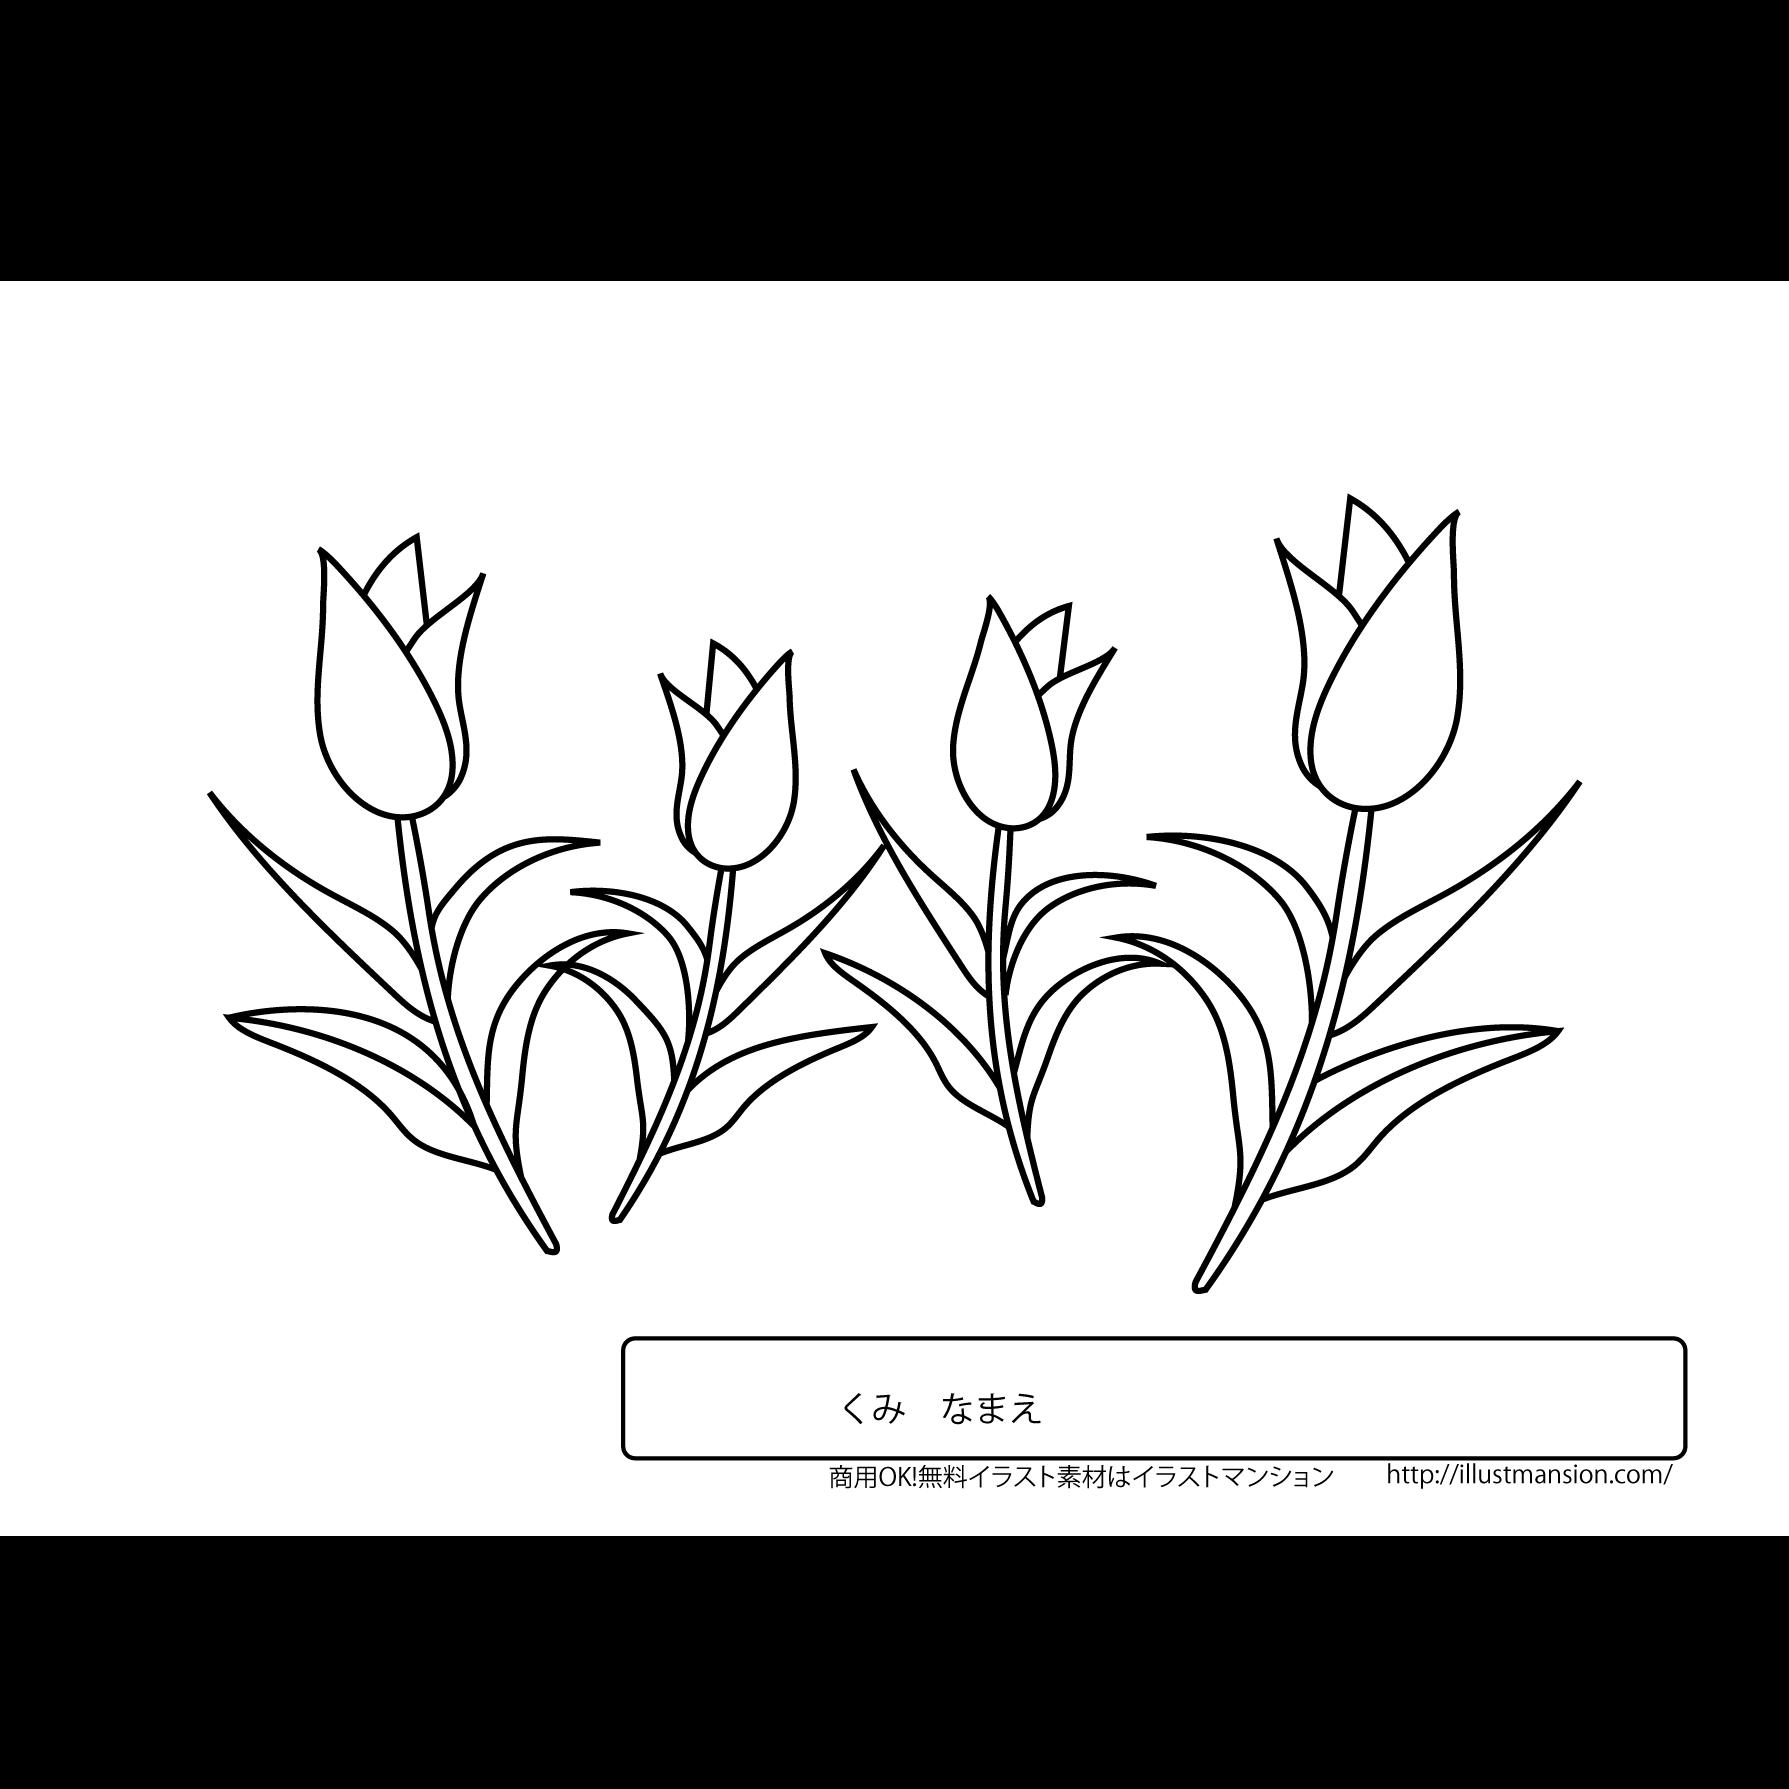 お花チューリップの塗り絵ぬりえのイラスト 商用フリー無料